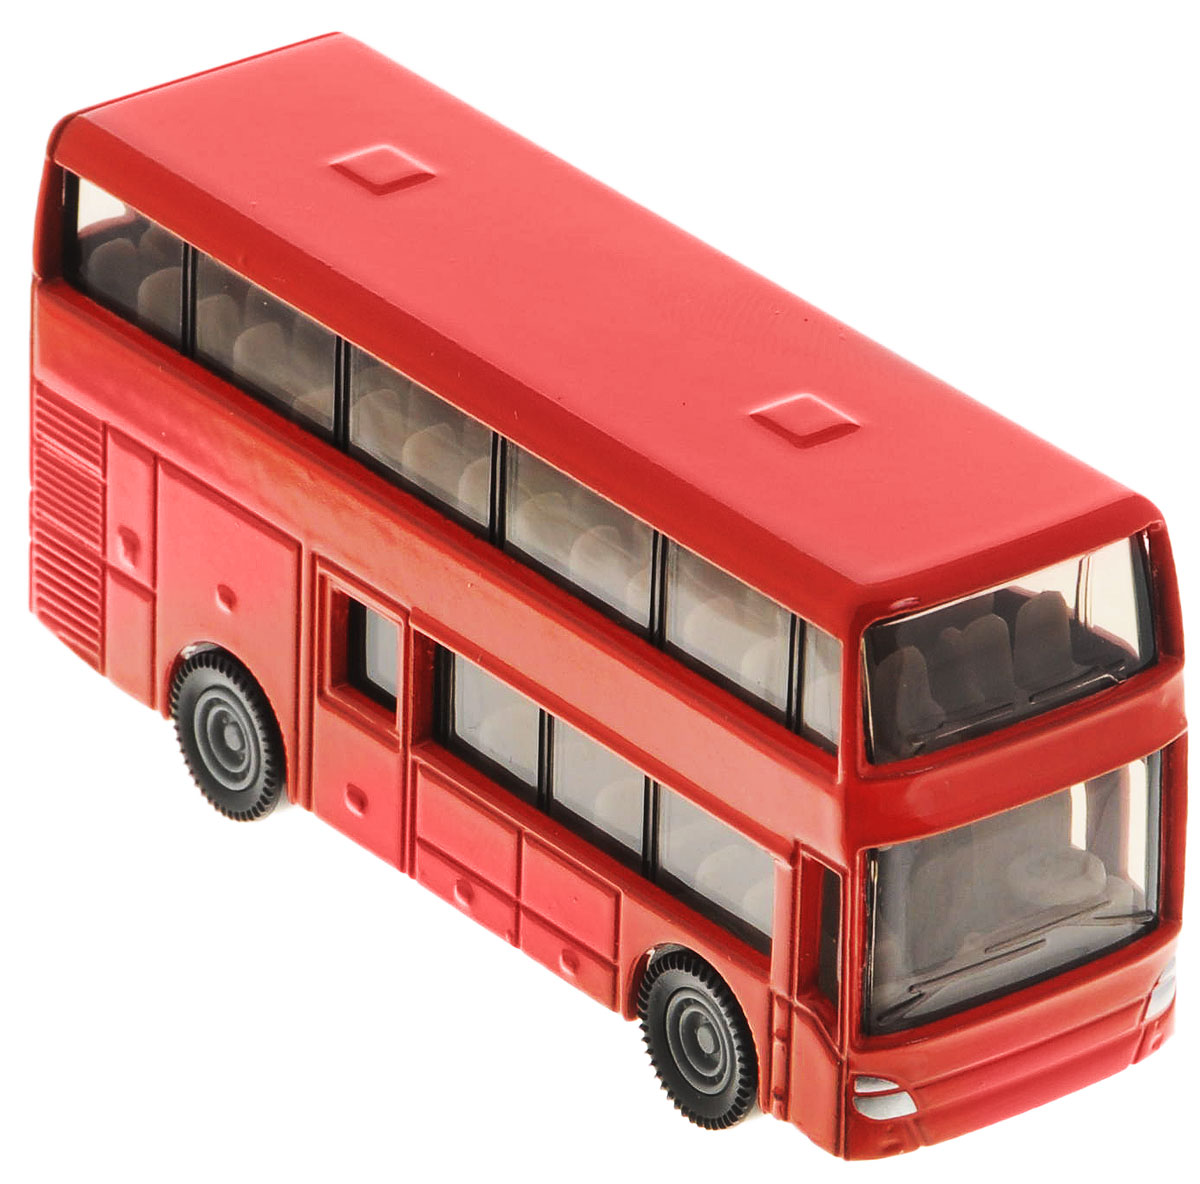 """Двухэтажный автобус от """"Siku"""" станет замечательным подарком для автолюбителей всех возрастов. Модель представляет собой реалистичную копию двухэтажного автобуса и отличается высокой степенью детализации. Корпус модели выполнен из металла, детали изготовлены из ударопрочной пластмассы. Салон автобуса также тщательно проработан, внутри есть водительское сиденье с рулем и места для пассажиров. Автобус можно катать благодаря подвижным колесам. Ваш ребенок часами будет играть с такой игрушкой, придумывая различные истории."""